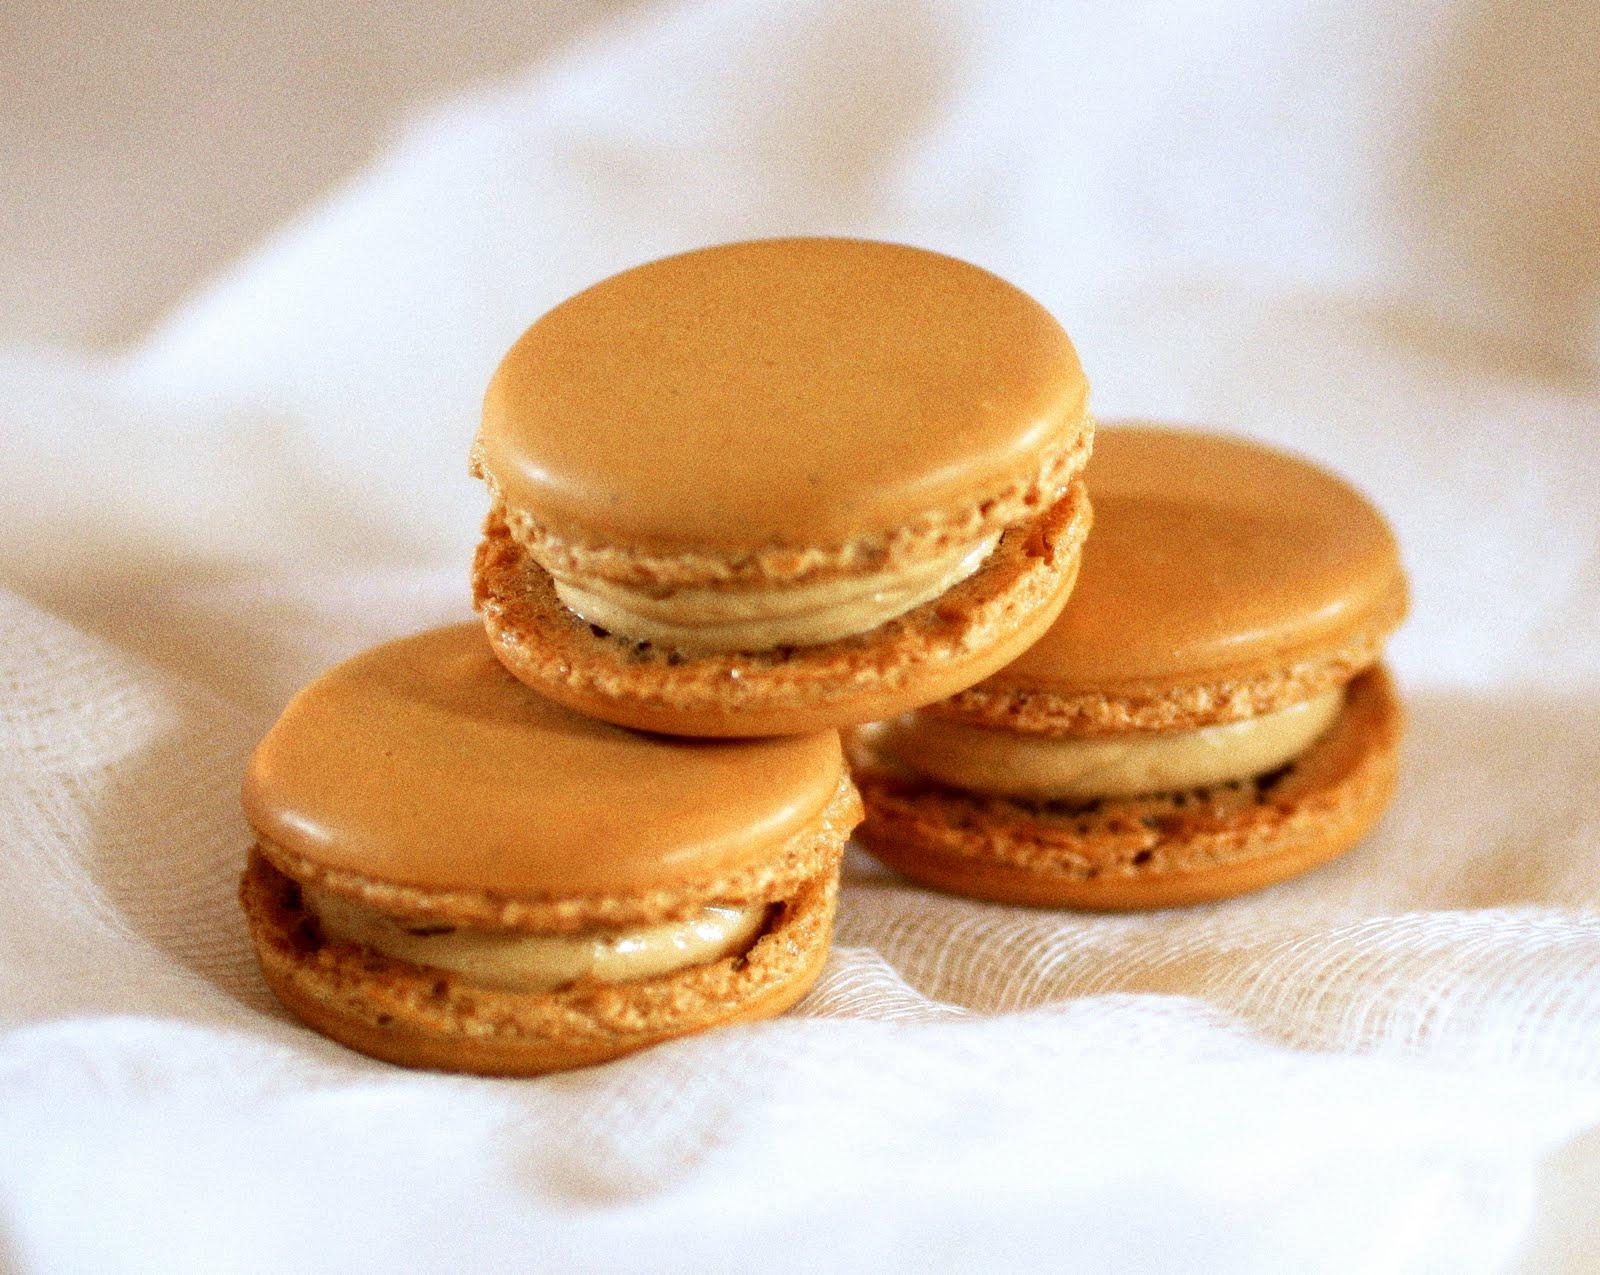 Macaron Cafe Paris